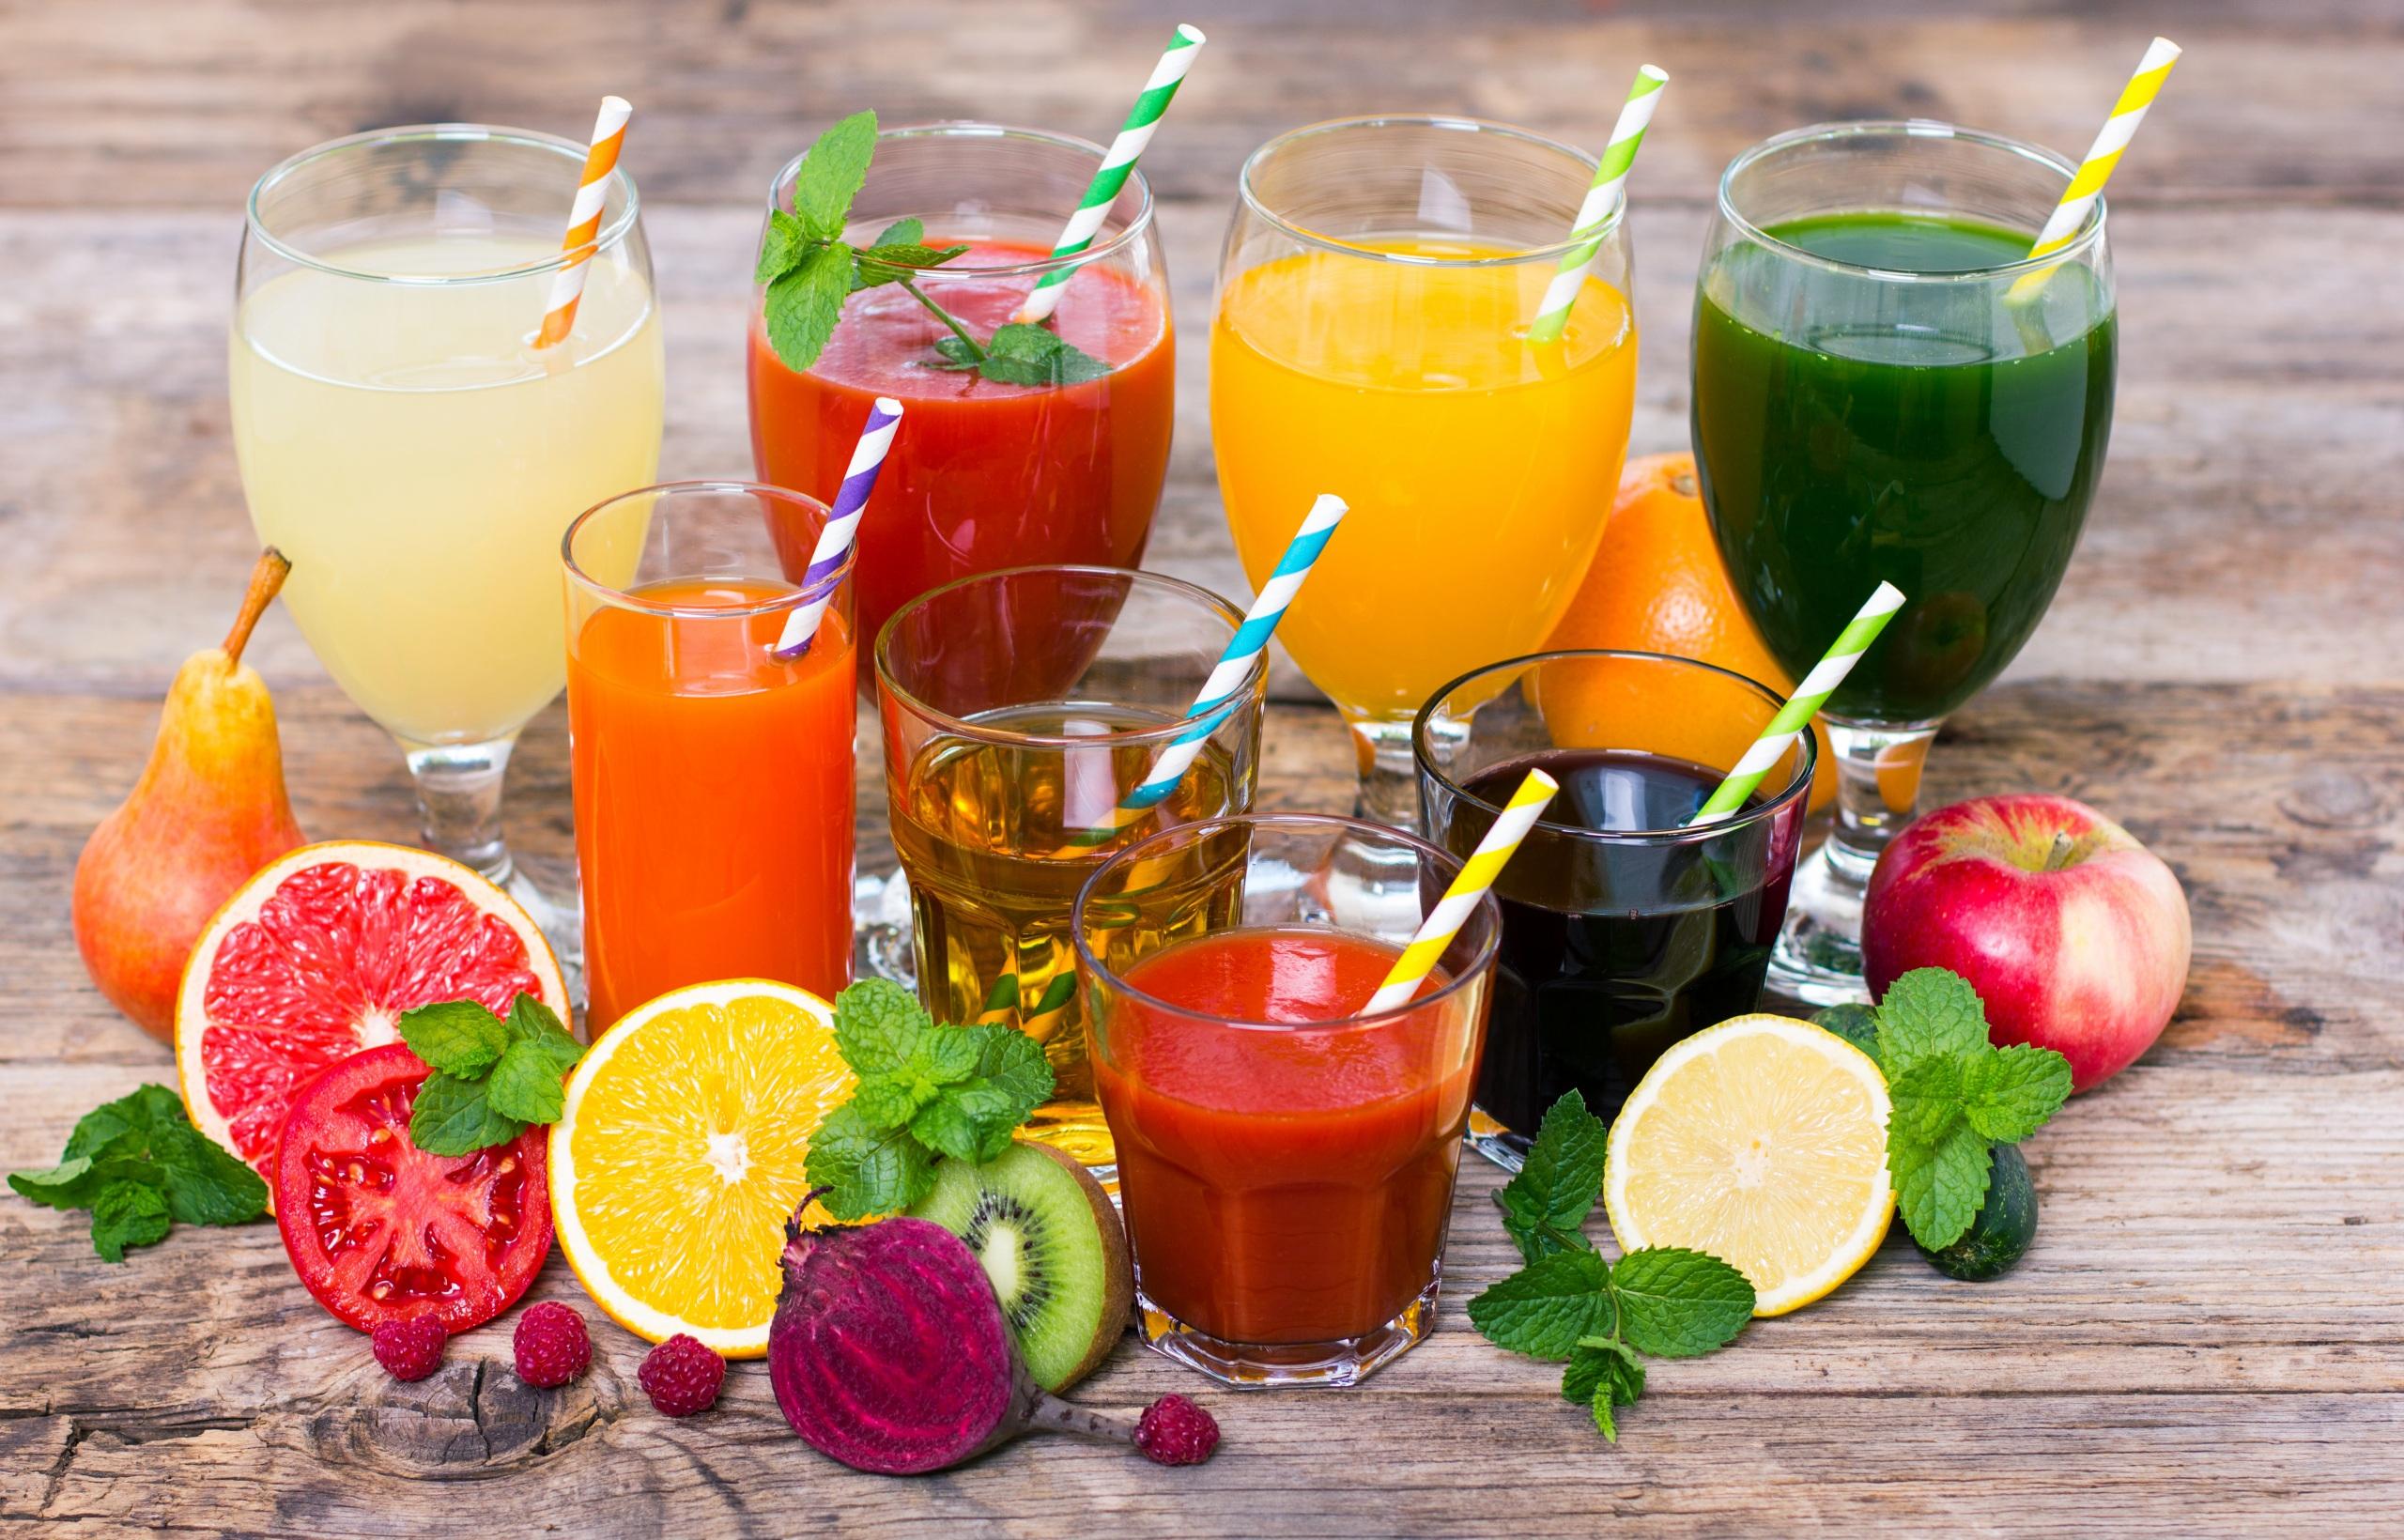 Фотография Сок Стакан Яблоки Еда бокал Овощи Фрукты Доски Напитки 2560x1640 стакана стакане Пища Бокалы Продукты питания